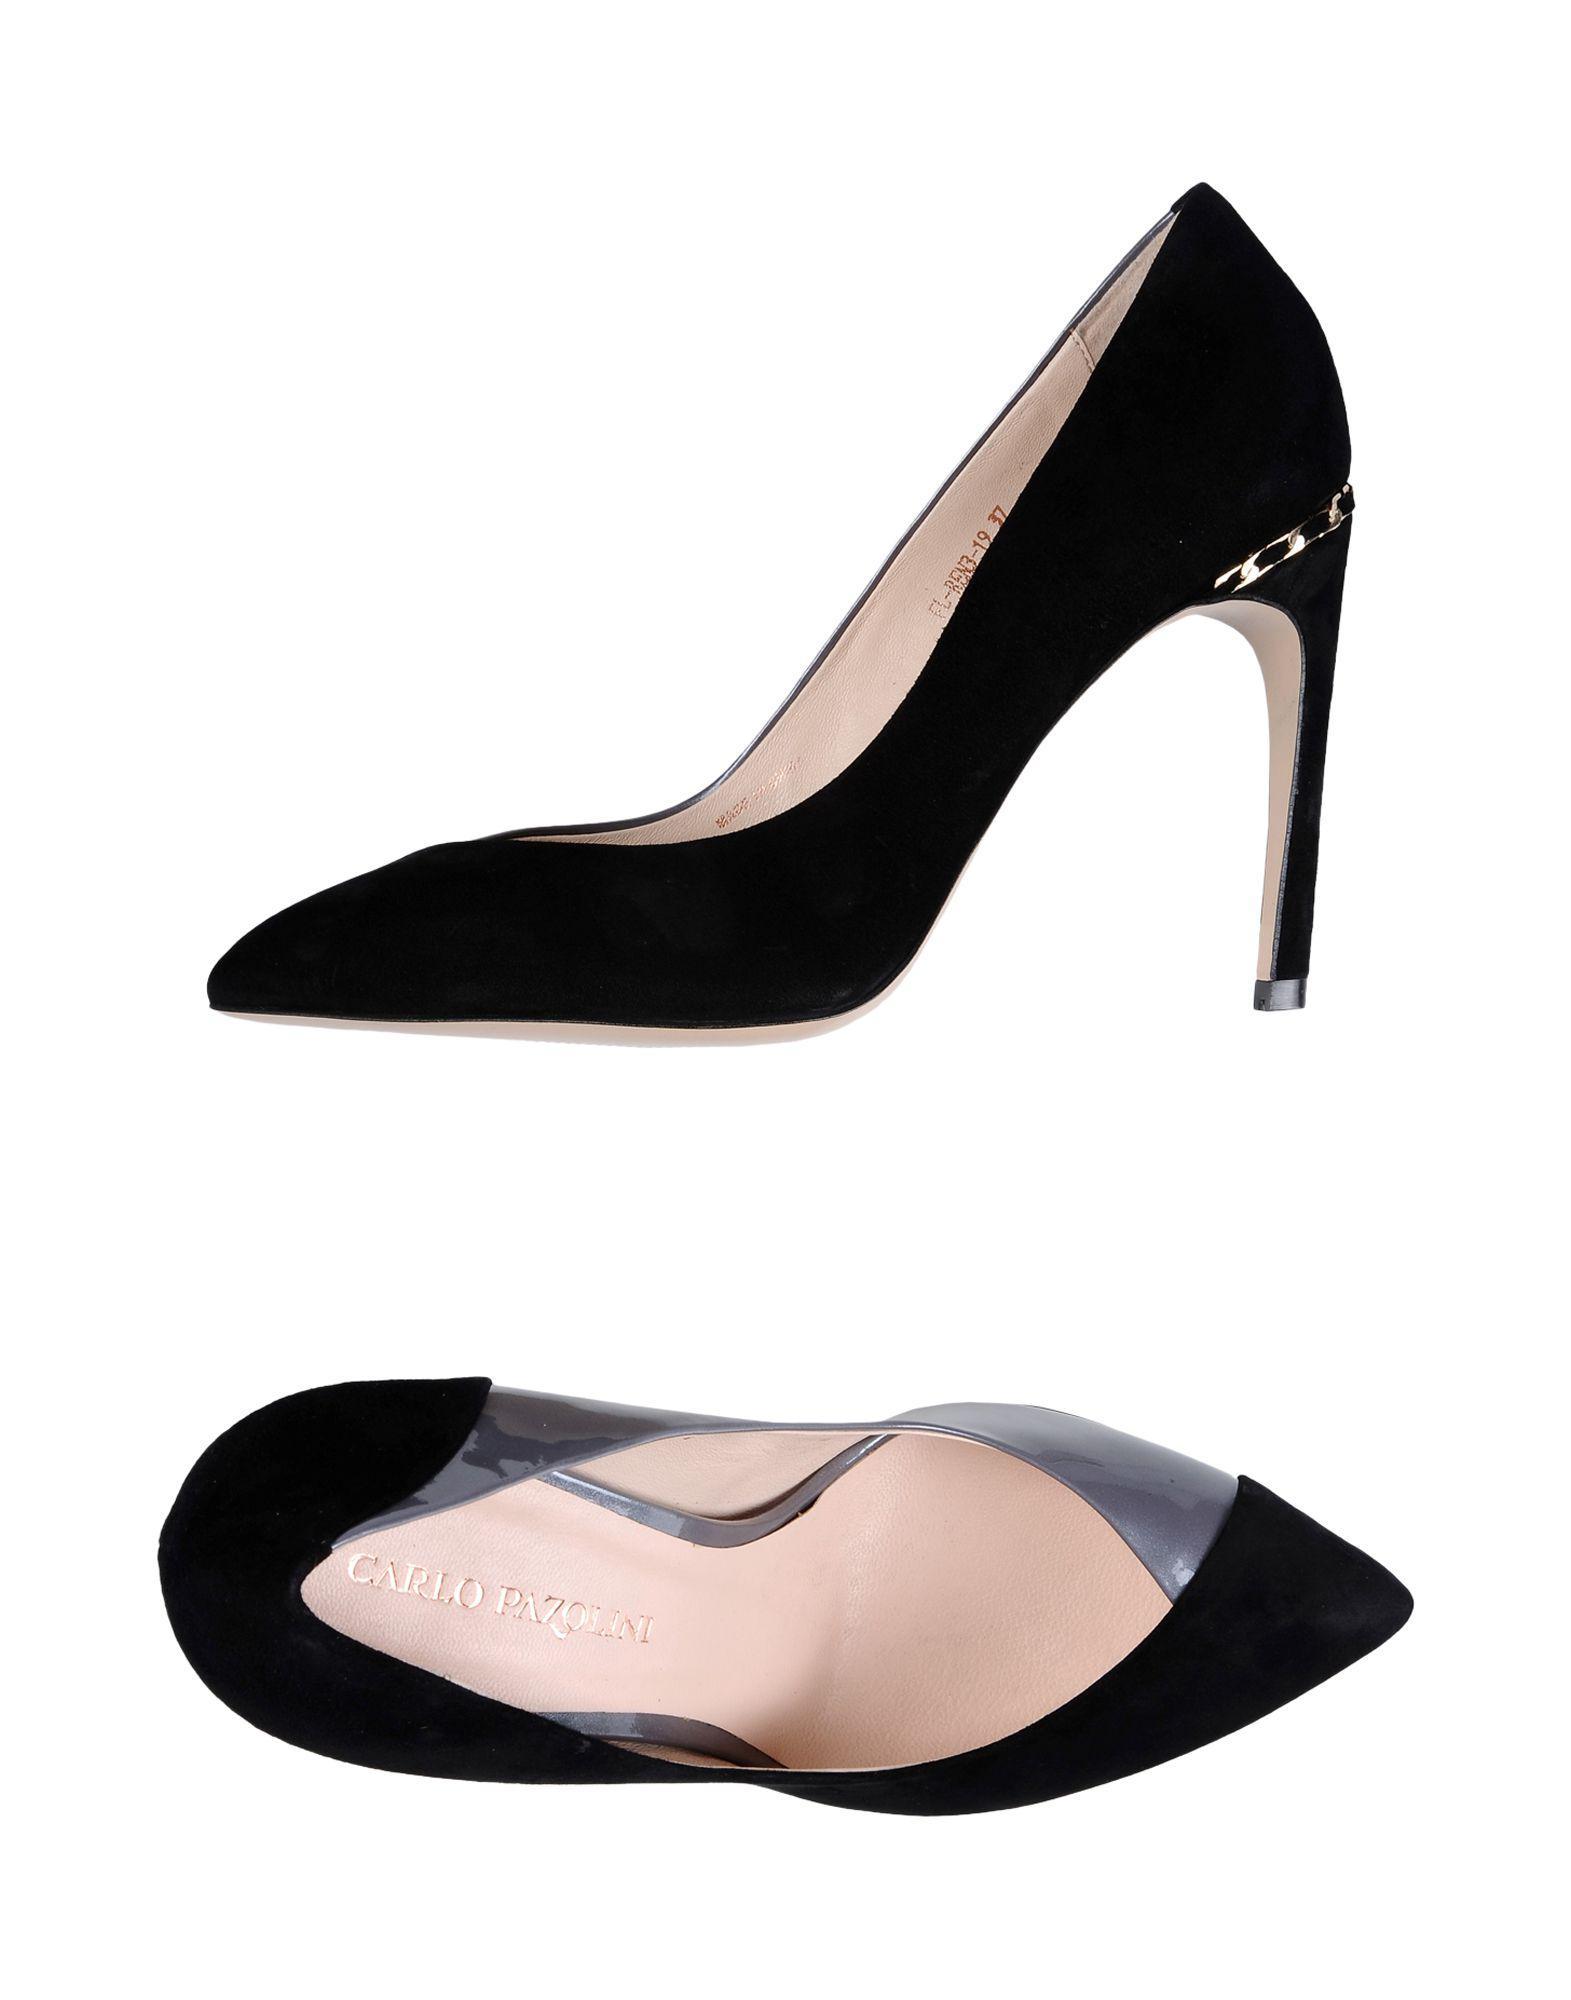 Chaussures - Tribunaux Carlo Pazolini En Vente De Qualité Supérieure Faux Prix Pas Cher Boutique Offre De Prix Pas Cher GaUP7RQmGT